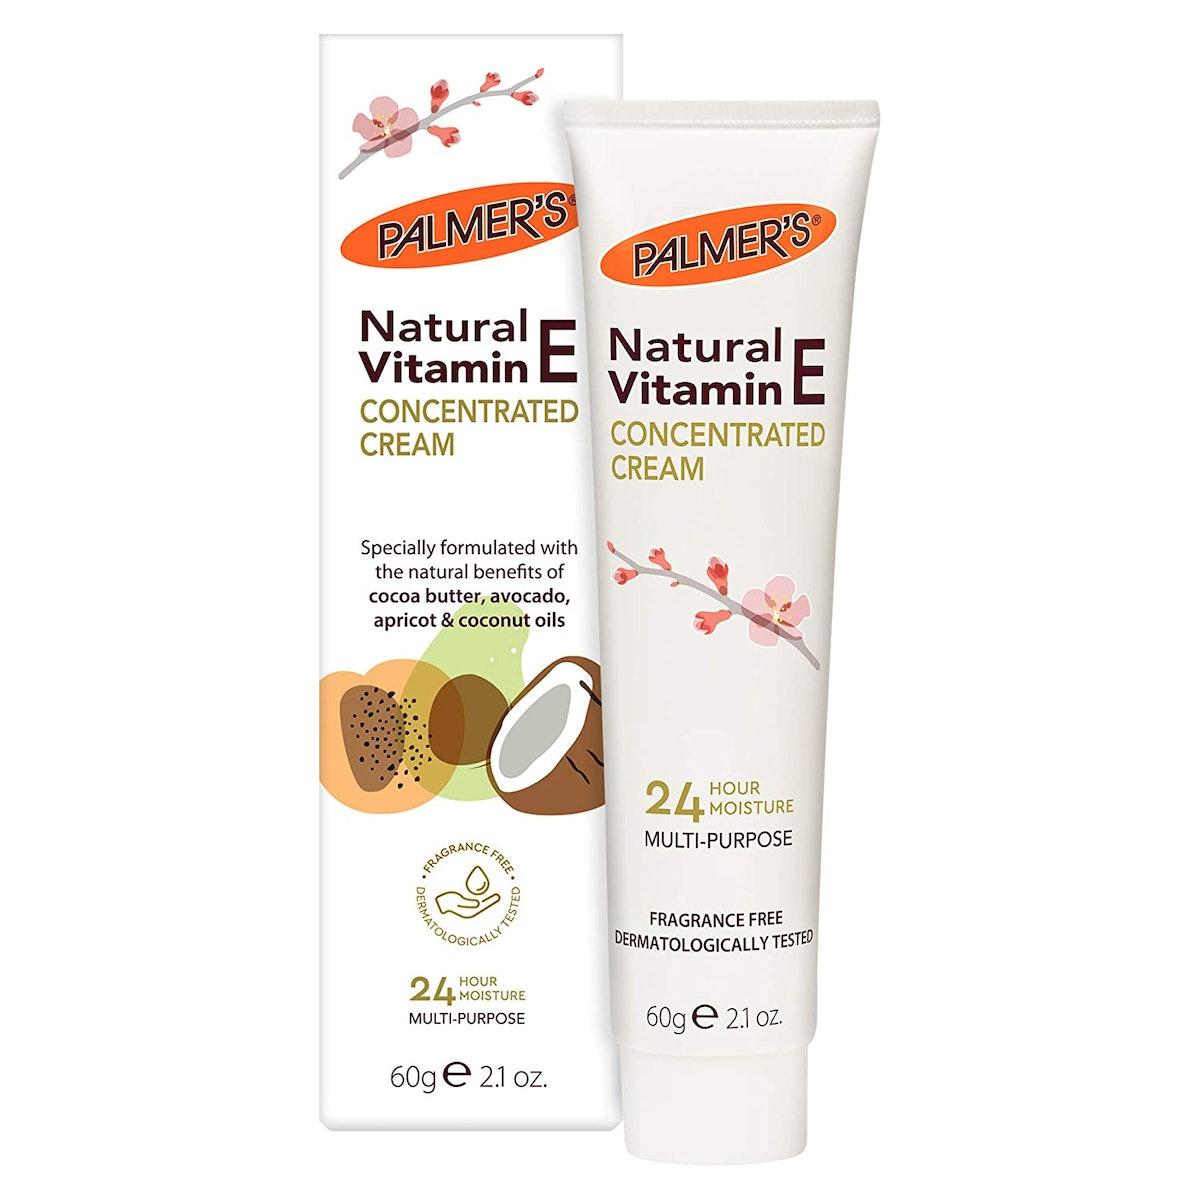 Palmer's Natural Vitamin E Concentrated Cream